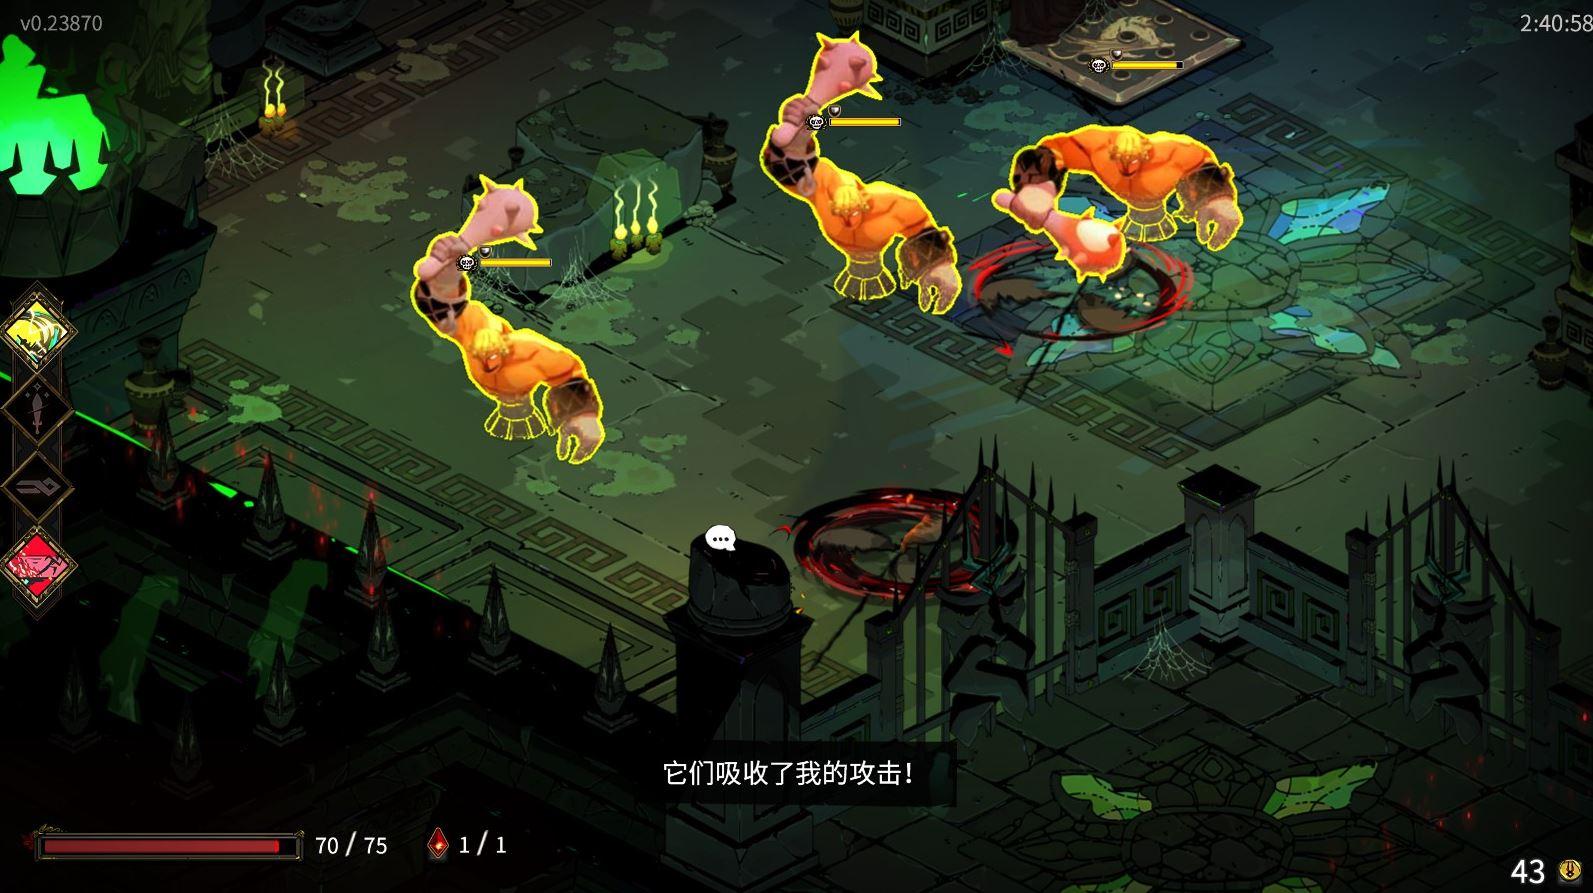 怪物到後期也會出現不同變化,如圖的黃色是無法擊退或硬直。